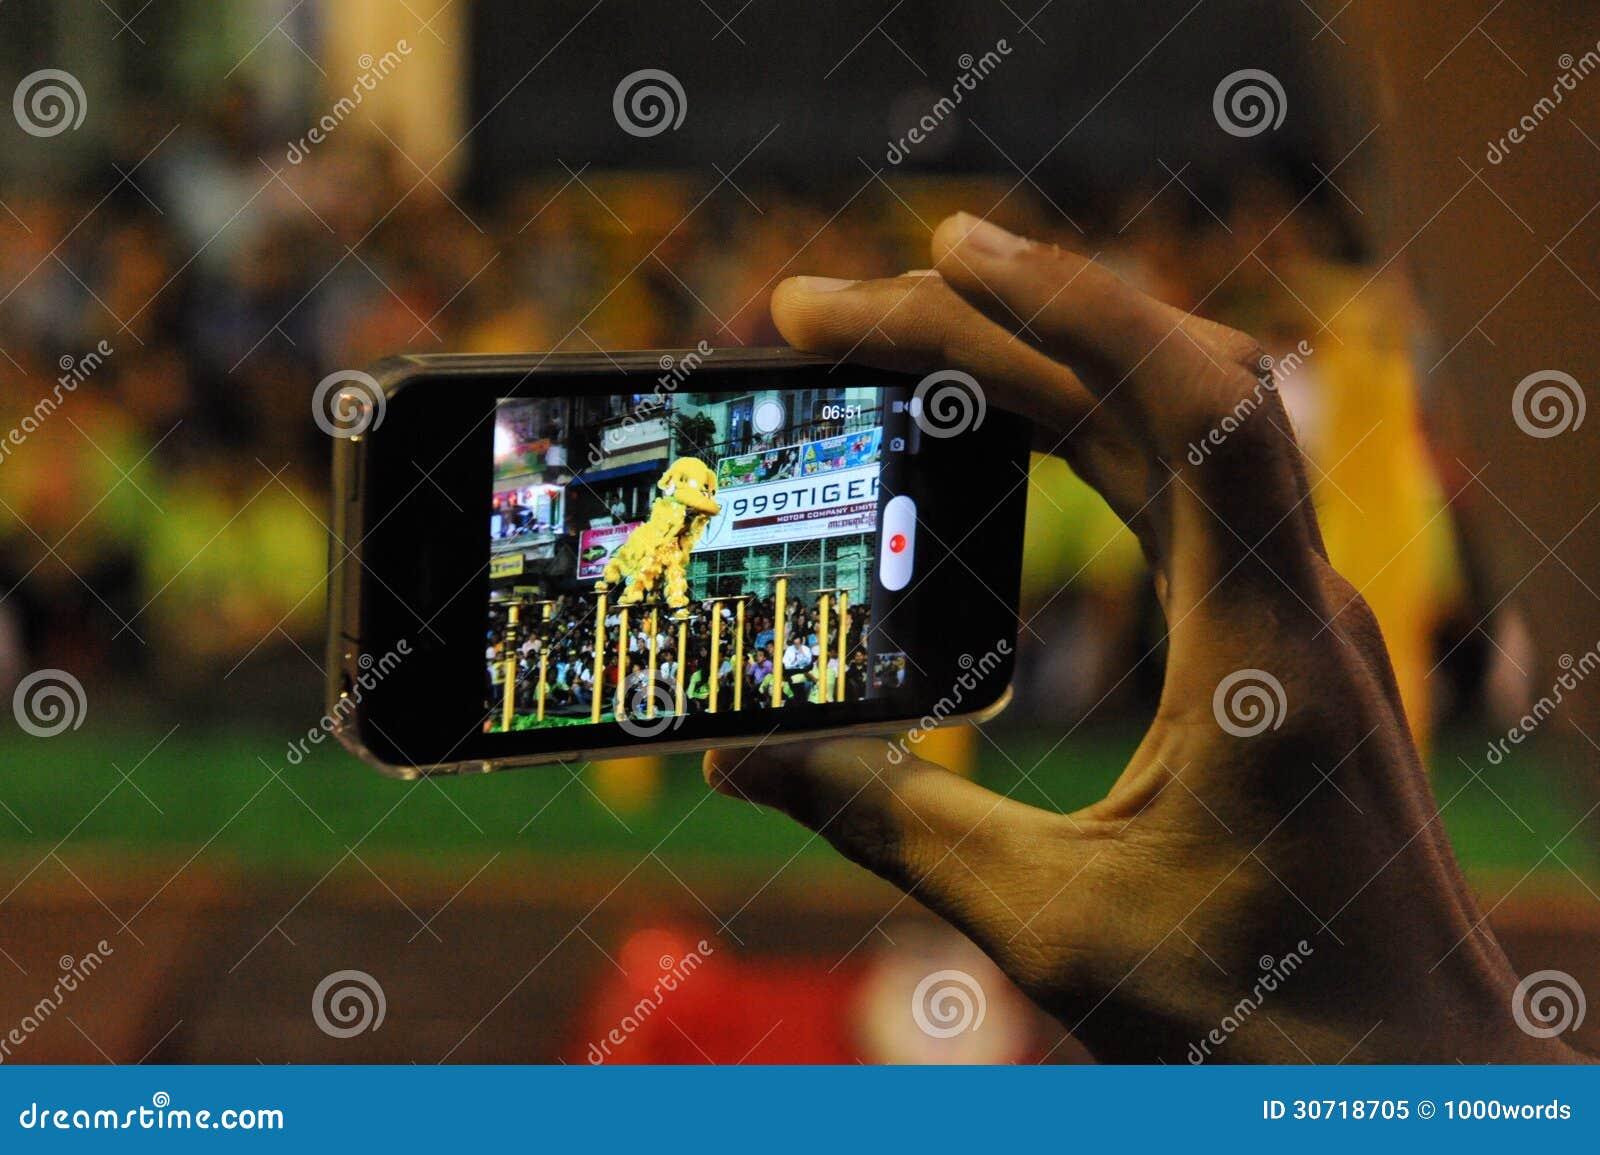 Smartphone użytkownik